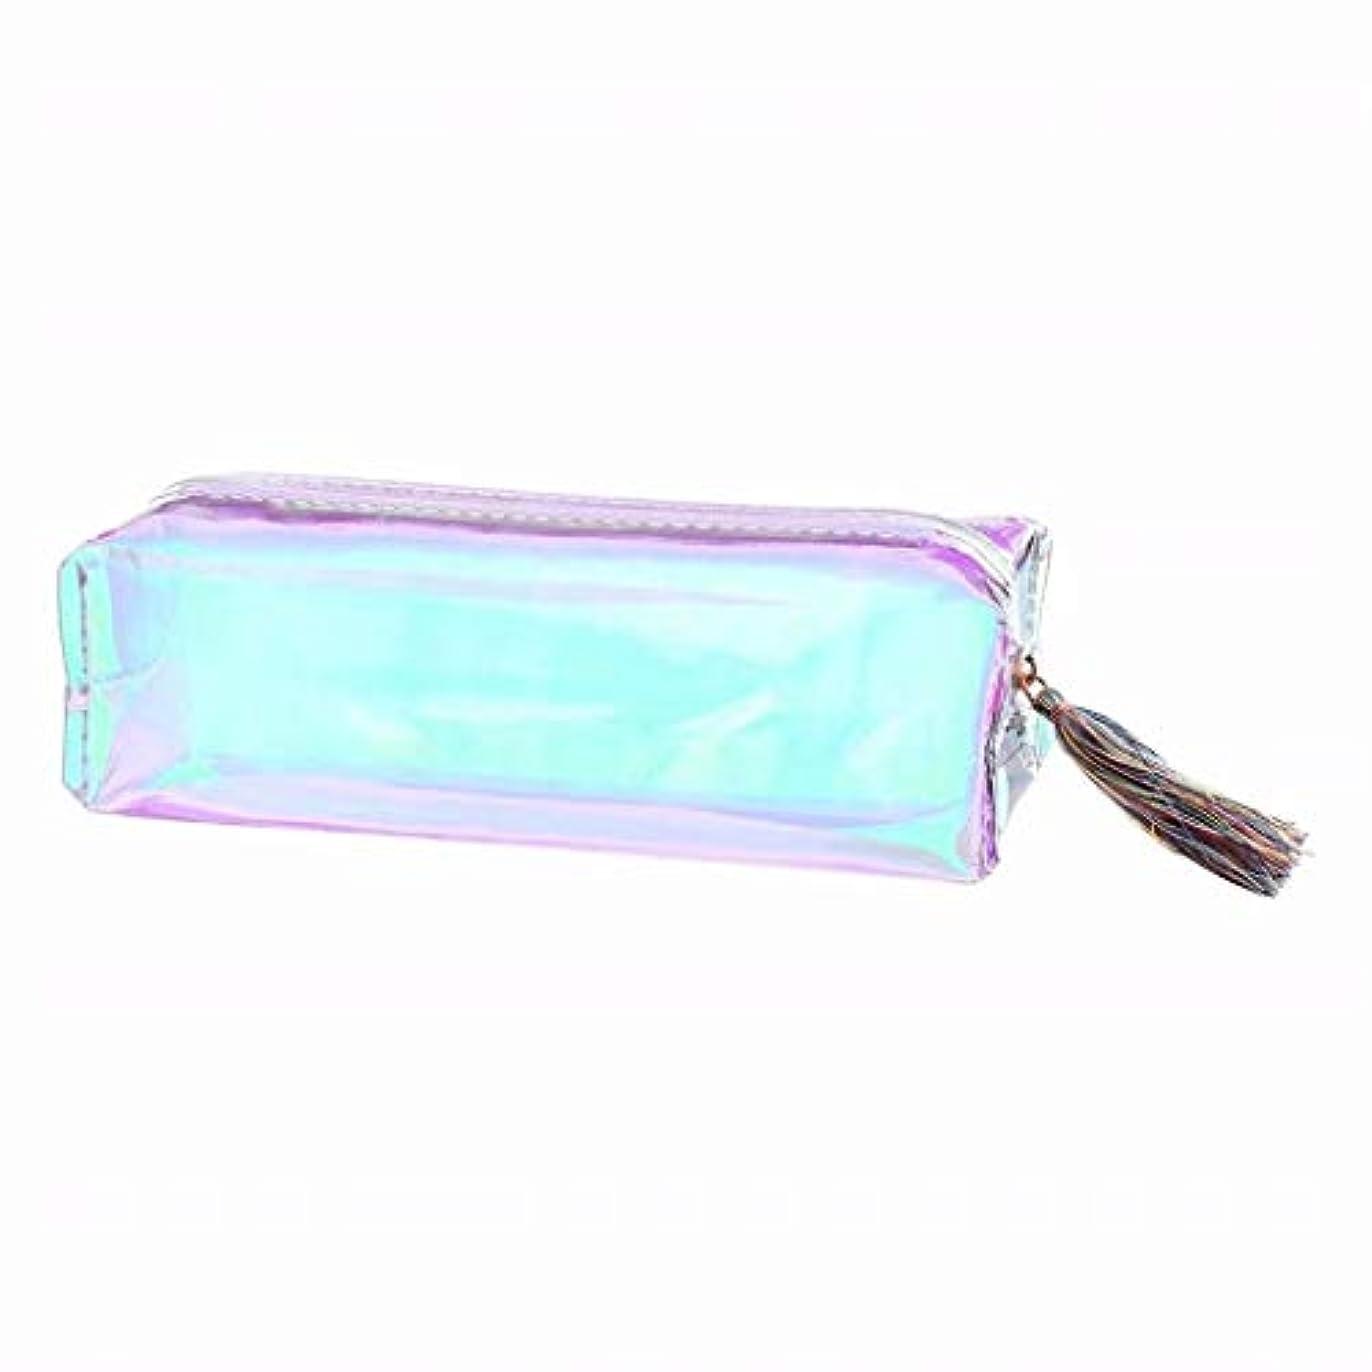 何よりも強いめ言葉七里の香 大容量の文房具の鉛筆のペンケースの化粧品袋のジッパーの袋の財布